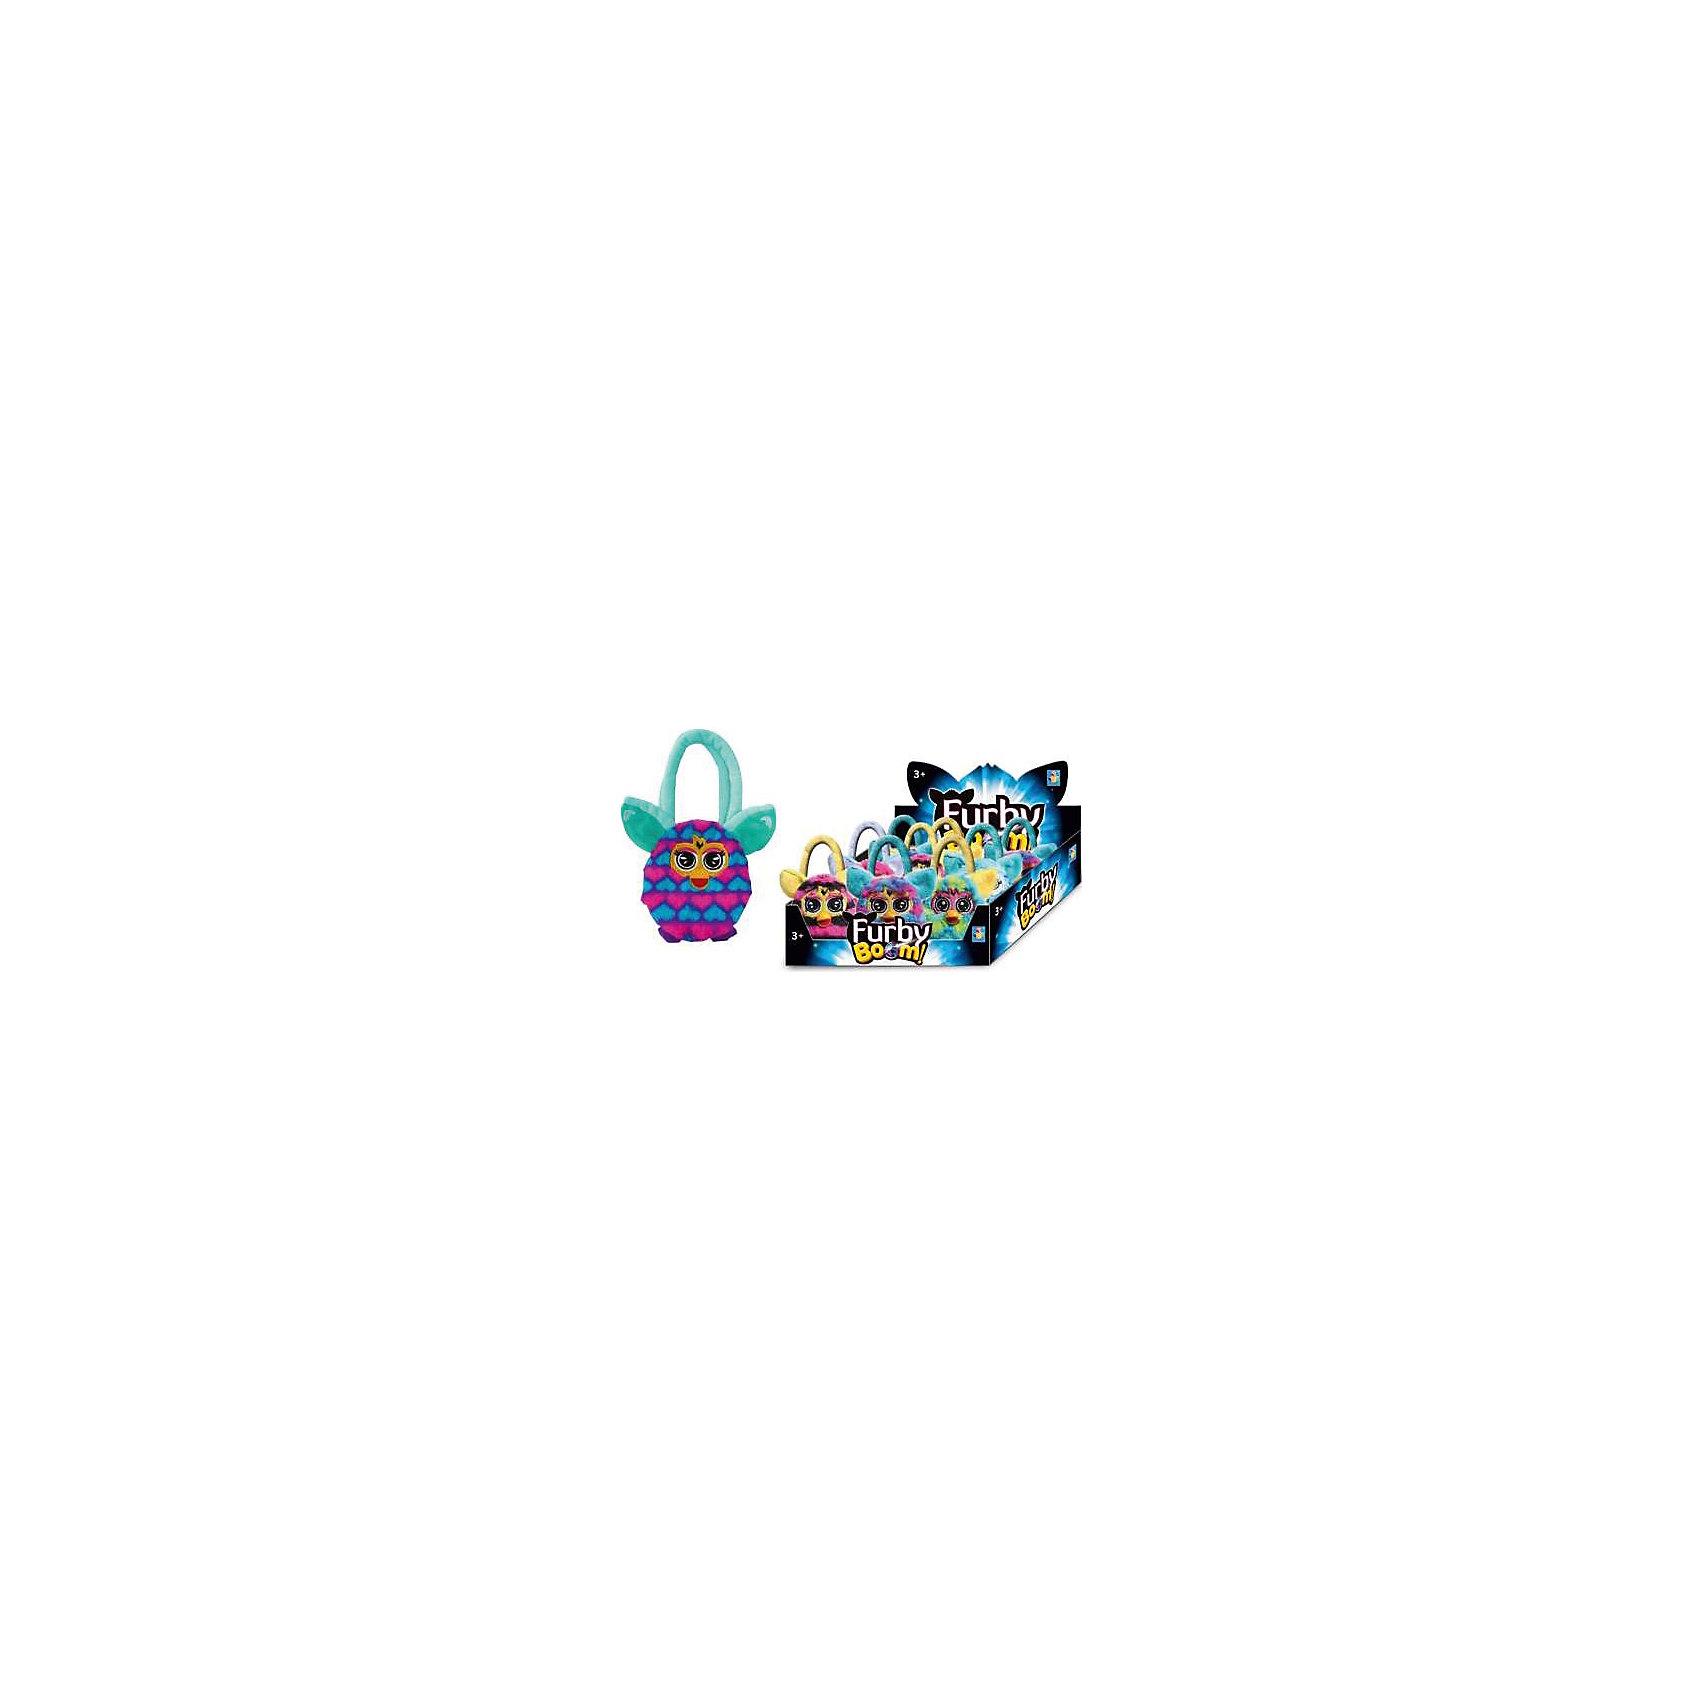 Furby сумочка 12 см, сердце, 1ToyПлюшевые сумки и рюкзаки<br>Чудесная плюшевая сумочка Furby не оставит равнодушной ни одну девочку. Она замечательно подойдет для прогулок, поездок и путешествий, а также в качестве забавной мягкой игрушки. Сумочка выполнена в виде очаровательного Ферби и ее внешний вид абсолютно идентичен популярной интерактивной игрушке. У Ферби яркая розово-голубая расцветка с узором в виде сердечек, бирюзовые ушки и сиреневые лапки. Качественный плюшевый материал сумочки очень мягкий и приятный на ощупь. Внутри одно вместительное отделение, куда ребенок сможет положить все необходимые на прогулке вещи. Имеется удобная плюшевая ручка для переноски в руках.<br><br>Дополнительная информация:<br><br>- Материал: плюш.  <br>- Длина сумки: 12 см. (без ручек).<br>- Размер упаковки: 20 х 14 х 2 см.<br>- Вес: 50 гр.<br><br>Furby сумочку 12 см., сердце, 1Toy, можно купить в нашем интернет-магазине.<br><br>Ширина мм: 200<br>Глубина мм: 140<br>Высота мм: 20<br>Вес г: 49<br>Возраст от месяцев: 24<br>Возраст до месяцев: 60<br>Пол: Унисекс<br>Возраст: Детский<br>SKU: 4627954